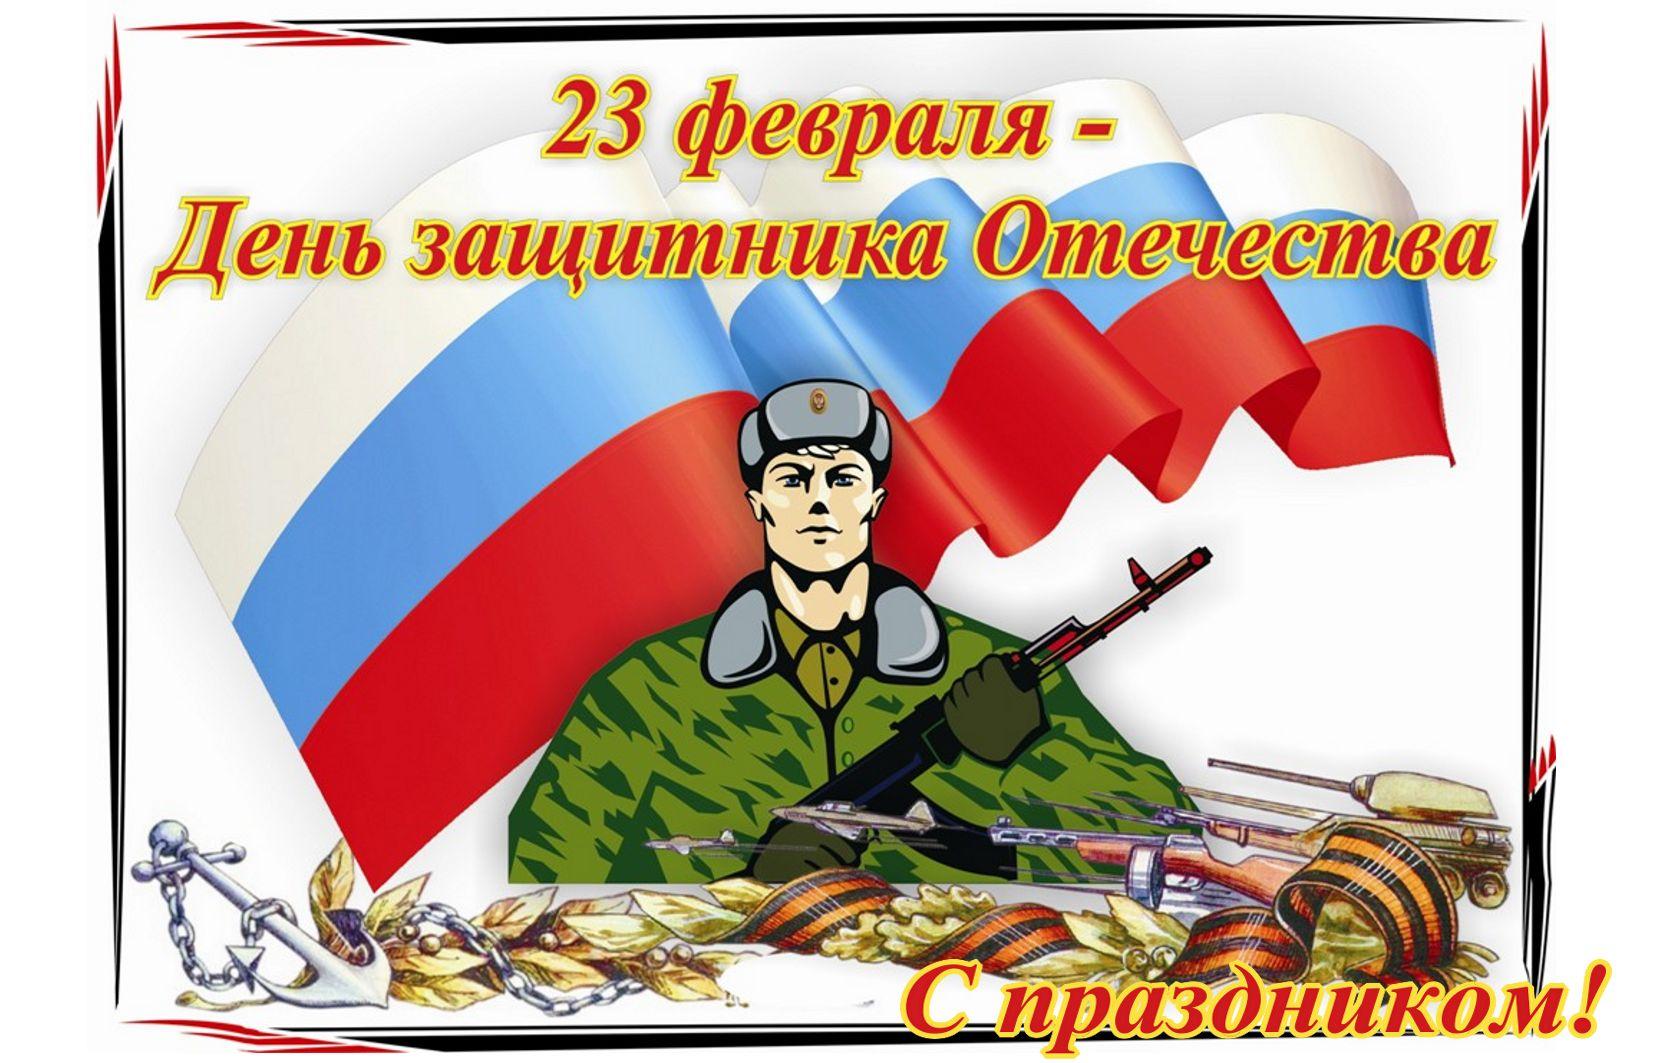 Солдат на фоне флага России к 23 февраля